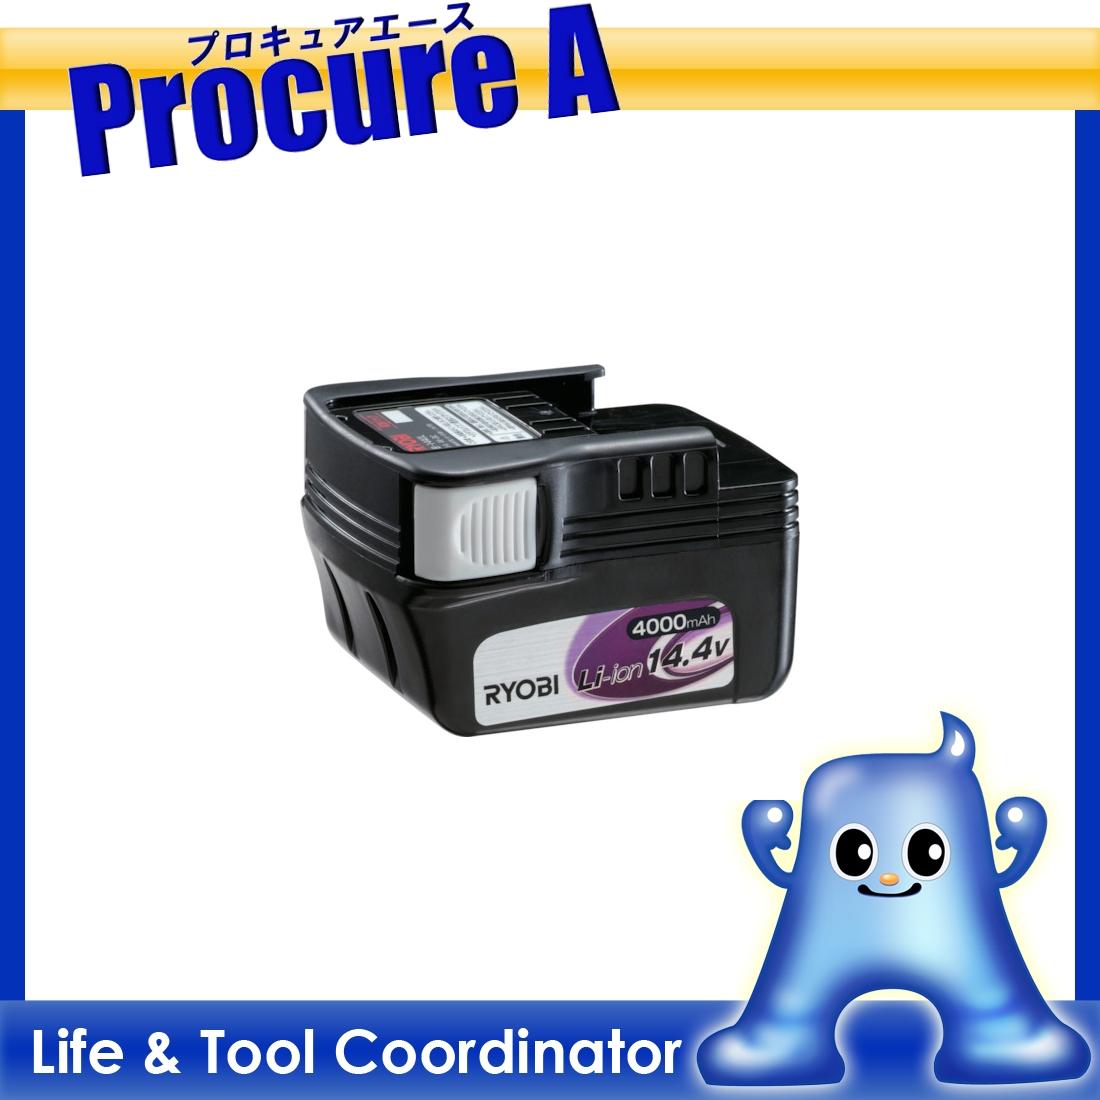 リョービ リチウムイオン電池パック 14.4V 4000mAh B-1440L ▼449-7899 リョービ(株) RYOBI